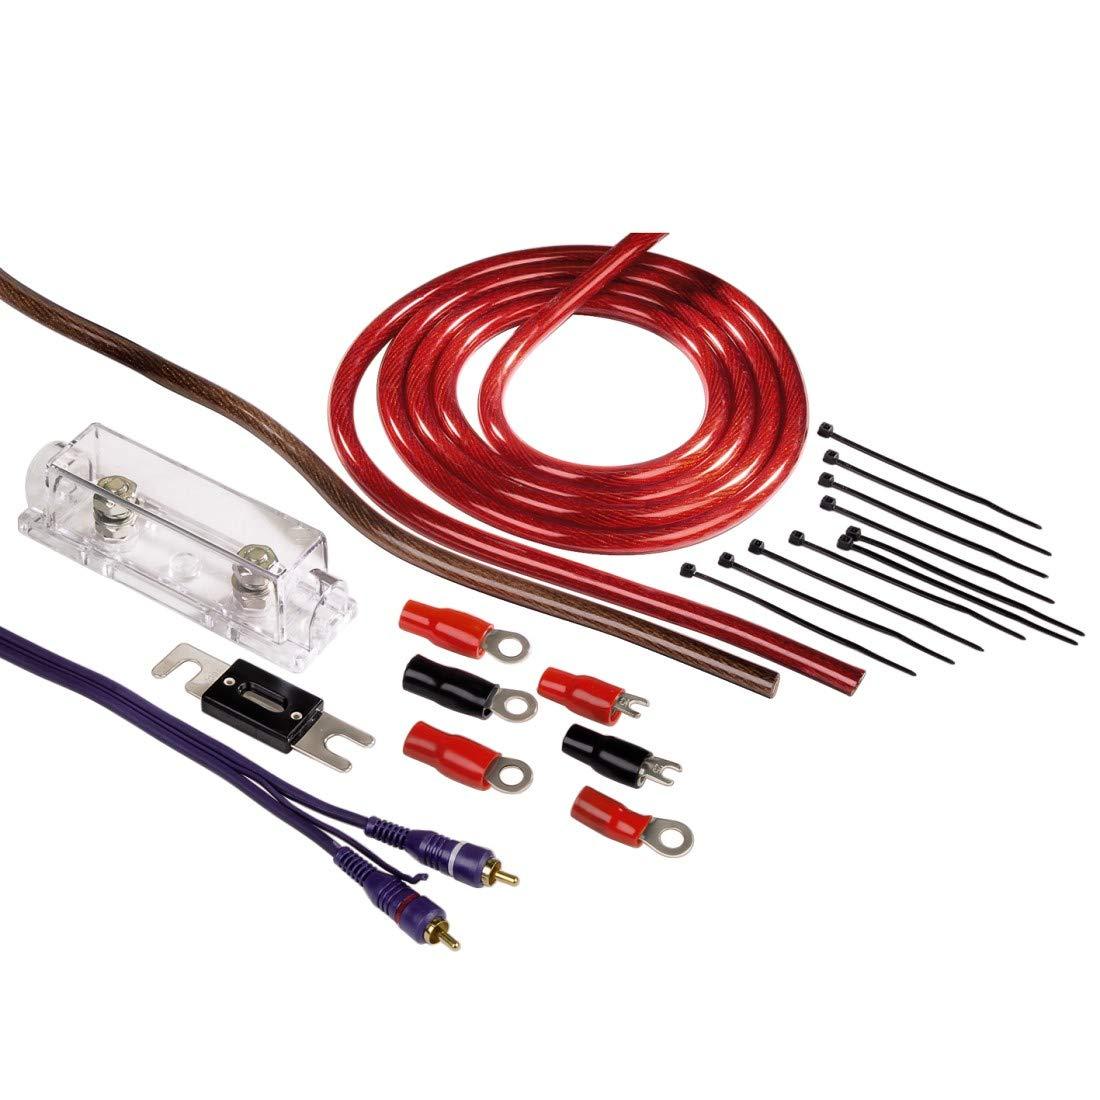 50 mm/² , Cinchkabel, Sicherungshalter, Sicherung, Gabelkabelschuhen und Kabelbinder Hama Anschluss-Set f/ür Car Hifi-Verst/ärker, AMP-Kit mit Powerkabeln